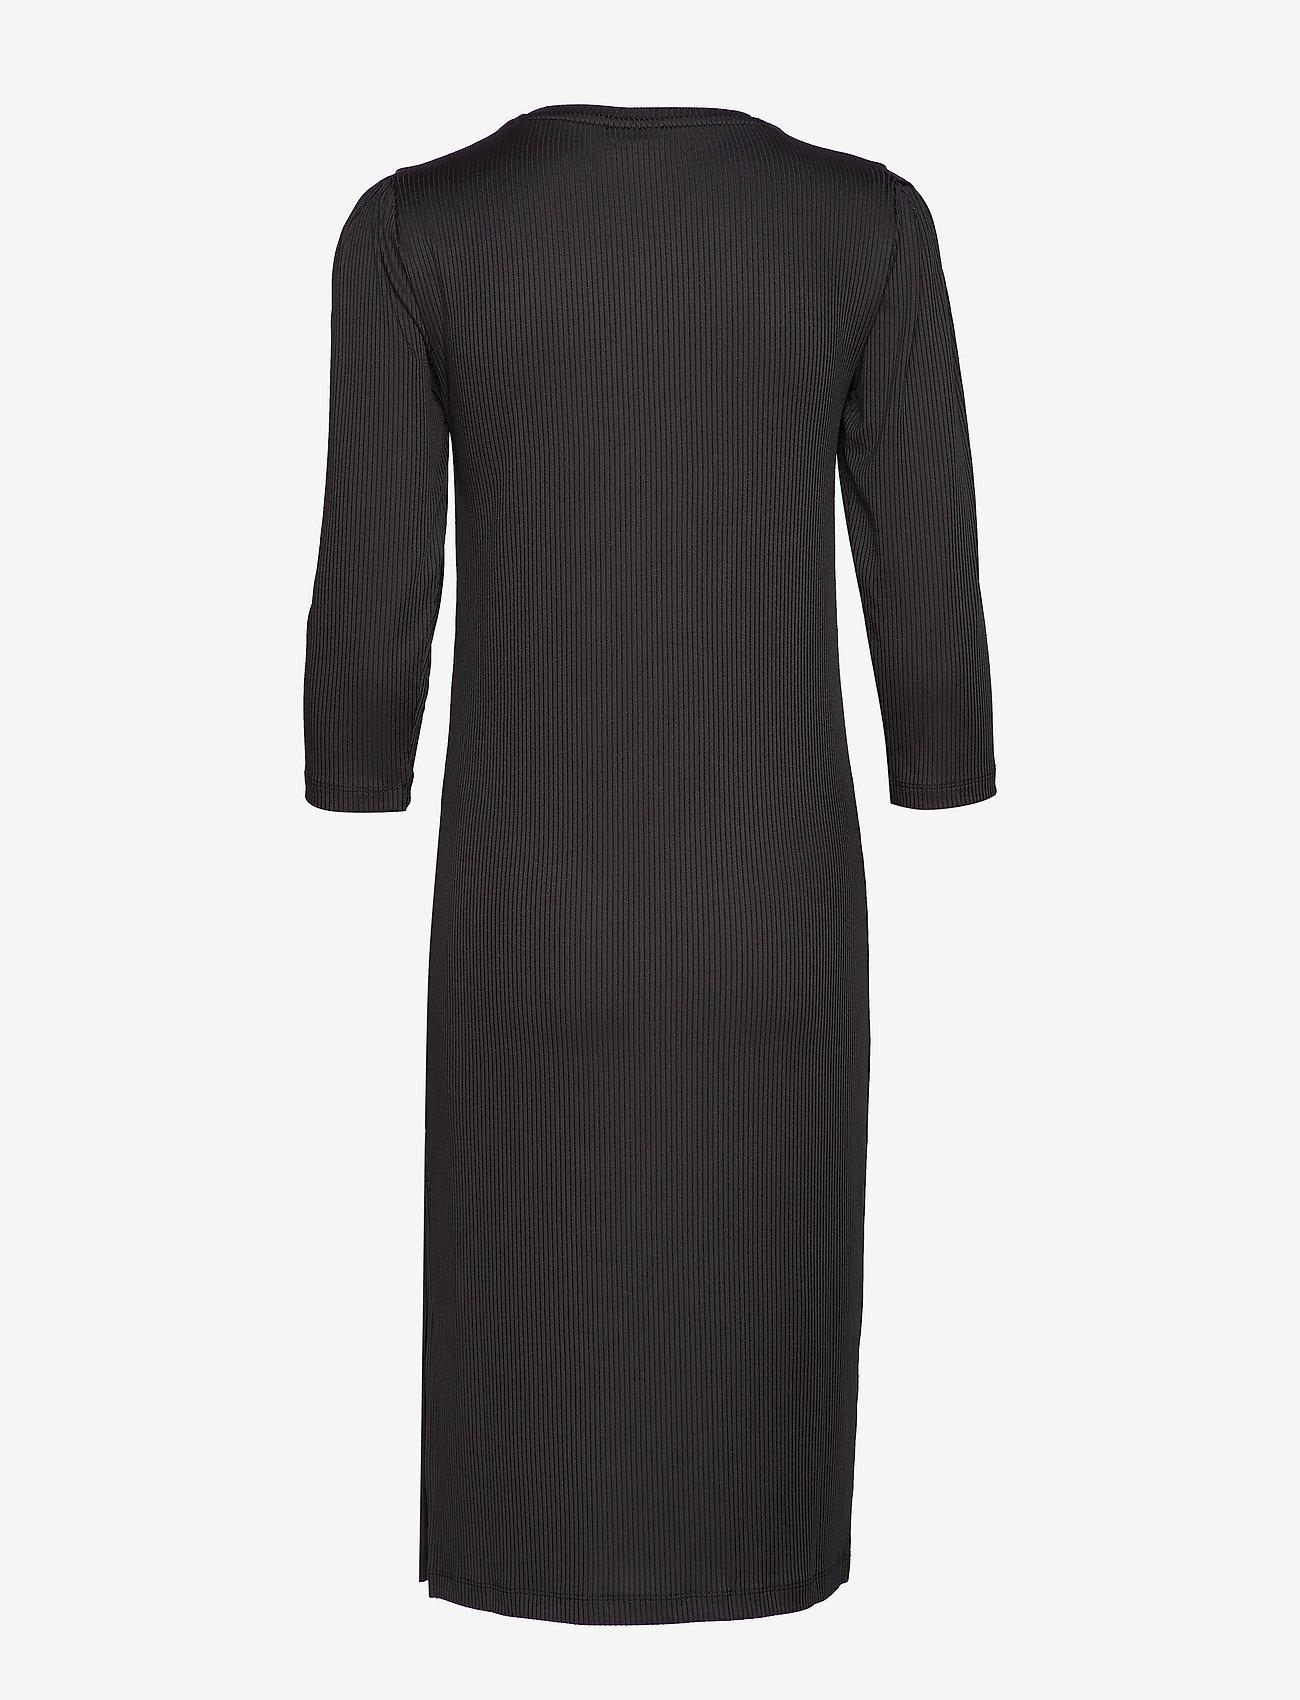 Vila - VISOFJA DRESS /KA - midi dresses - black - 1